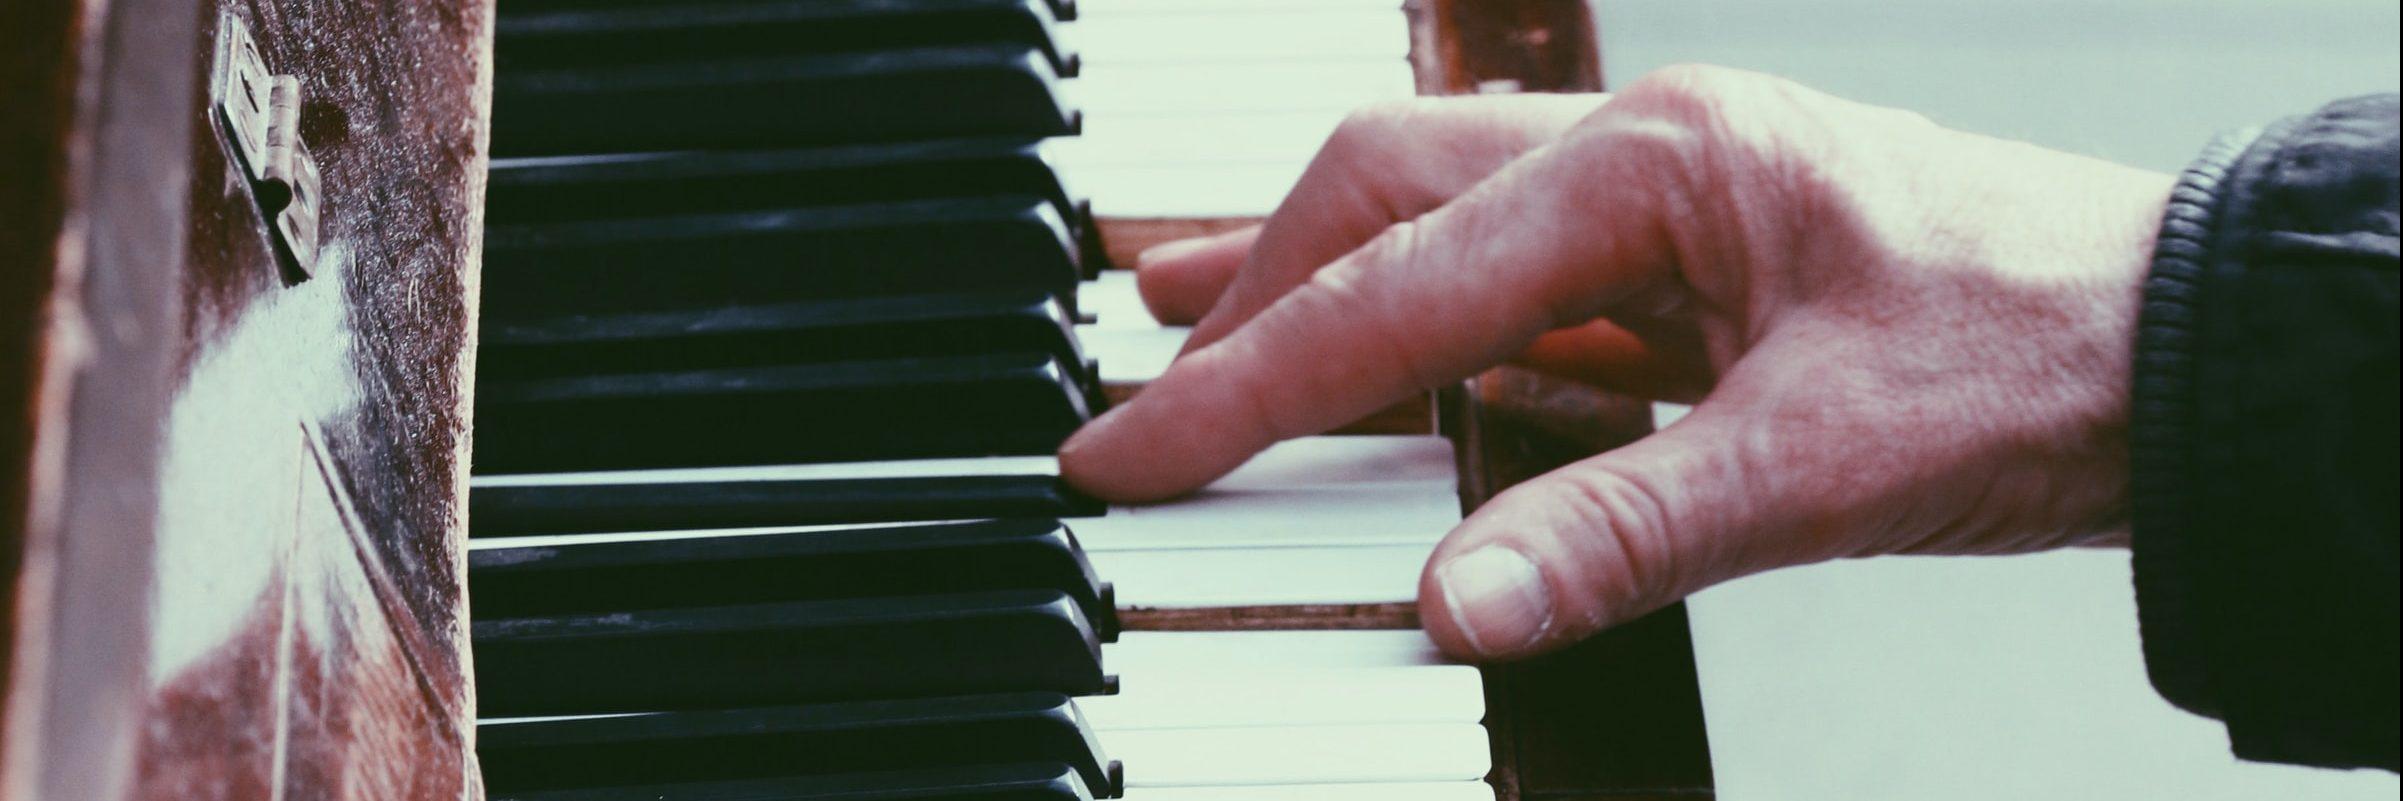 La brava es un relato escrito por Miguel Rodríguez Echeandía sobre las ventajas que la música puede tener en enfermos de alzheimer.